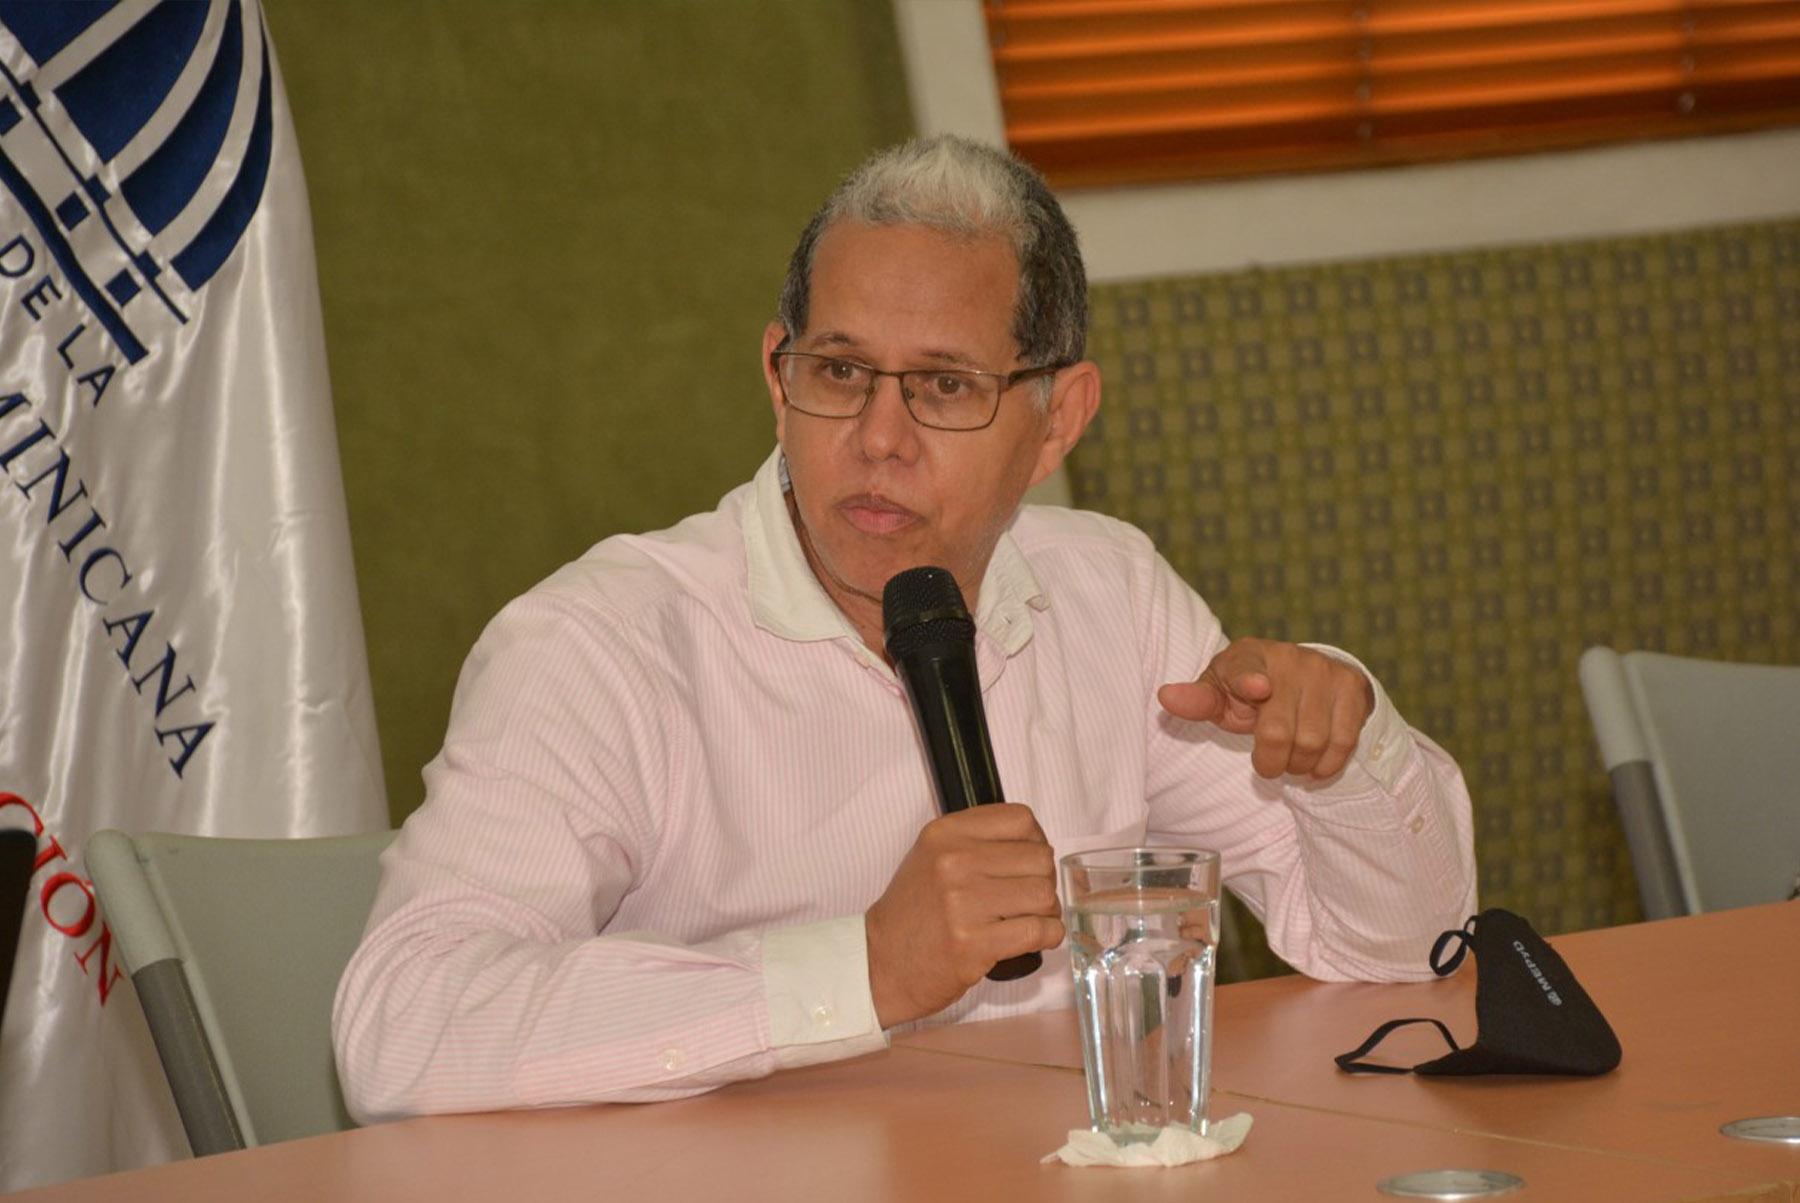 El viceministro de Ordenamiento Territorial y Desarrollo Regional, Domingo Matías, encabezó el segundo encuentro con la sociedad civil y autoridades de Haina.